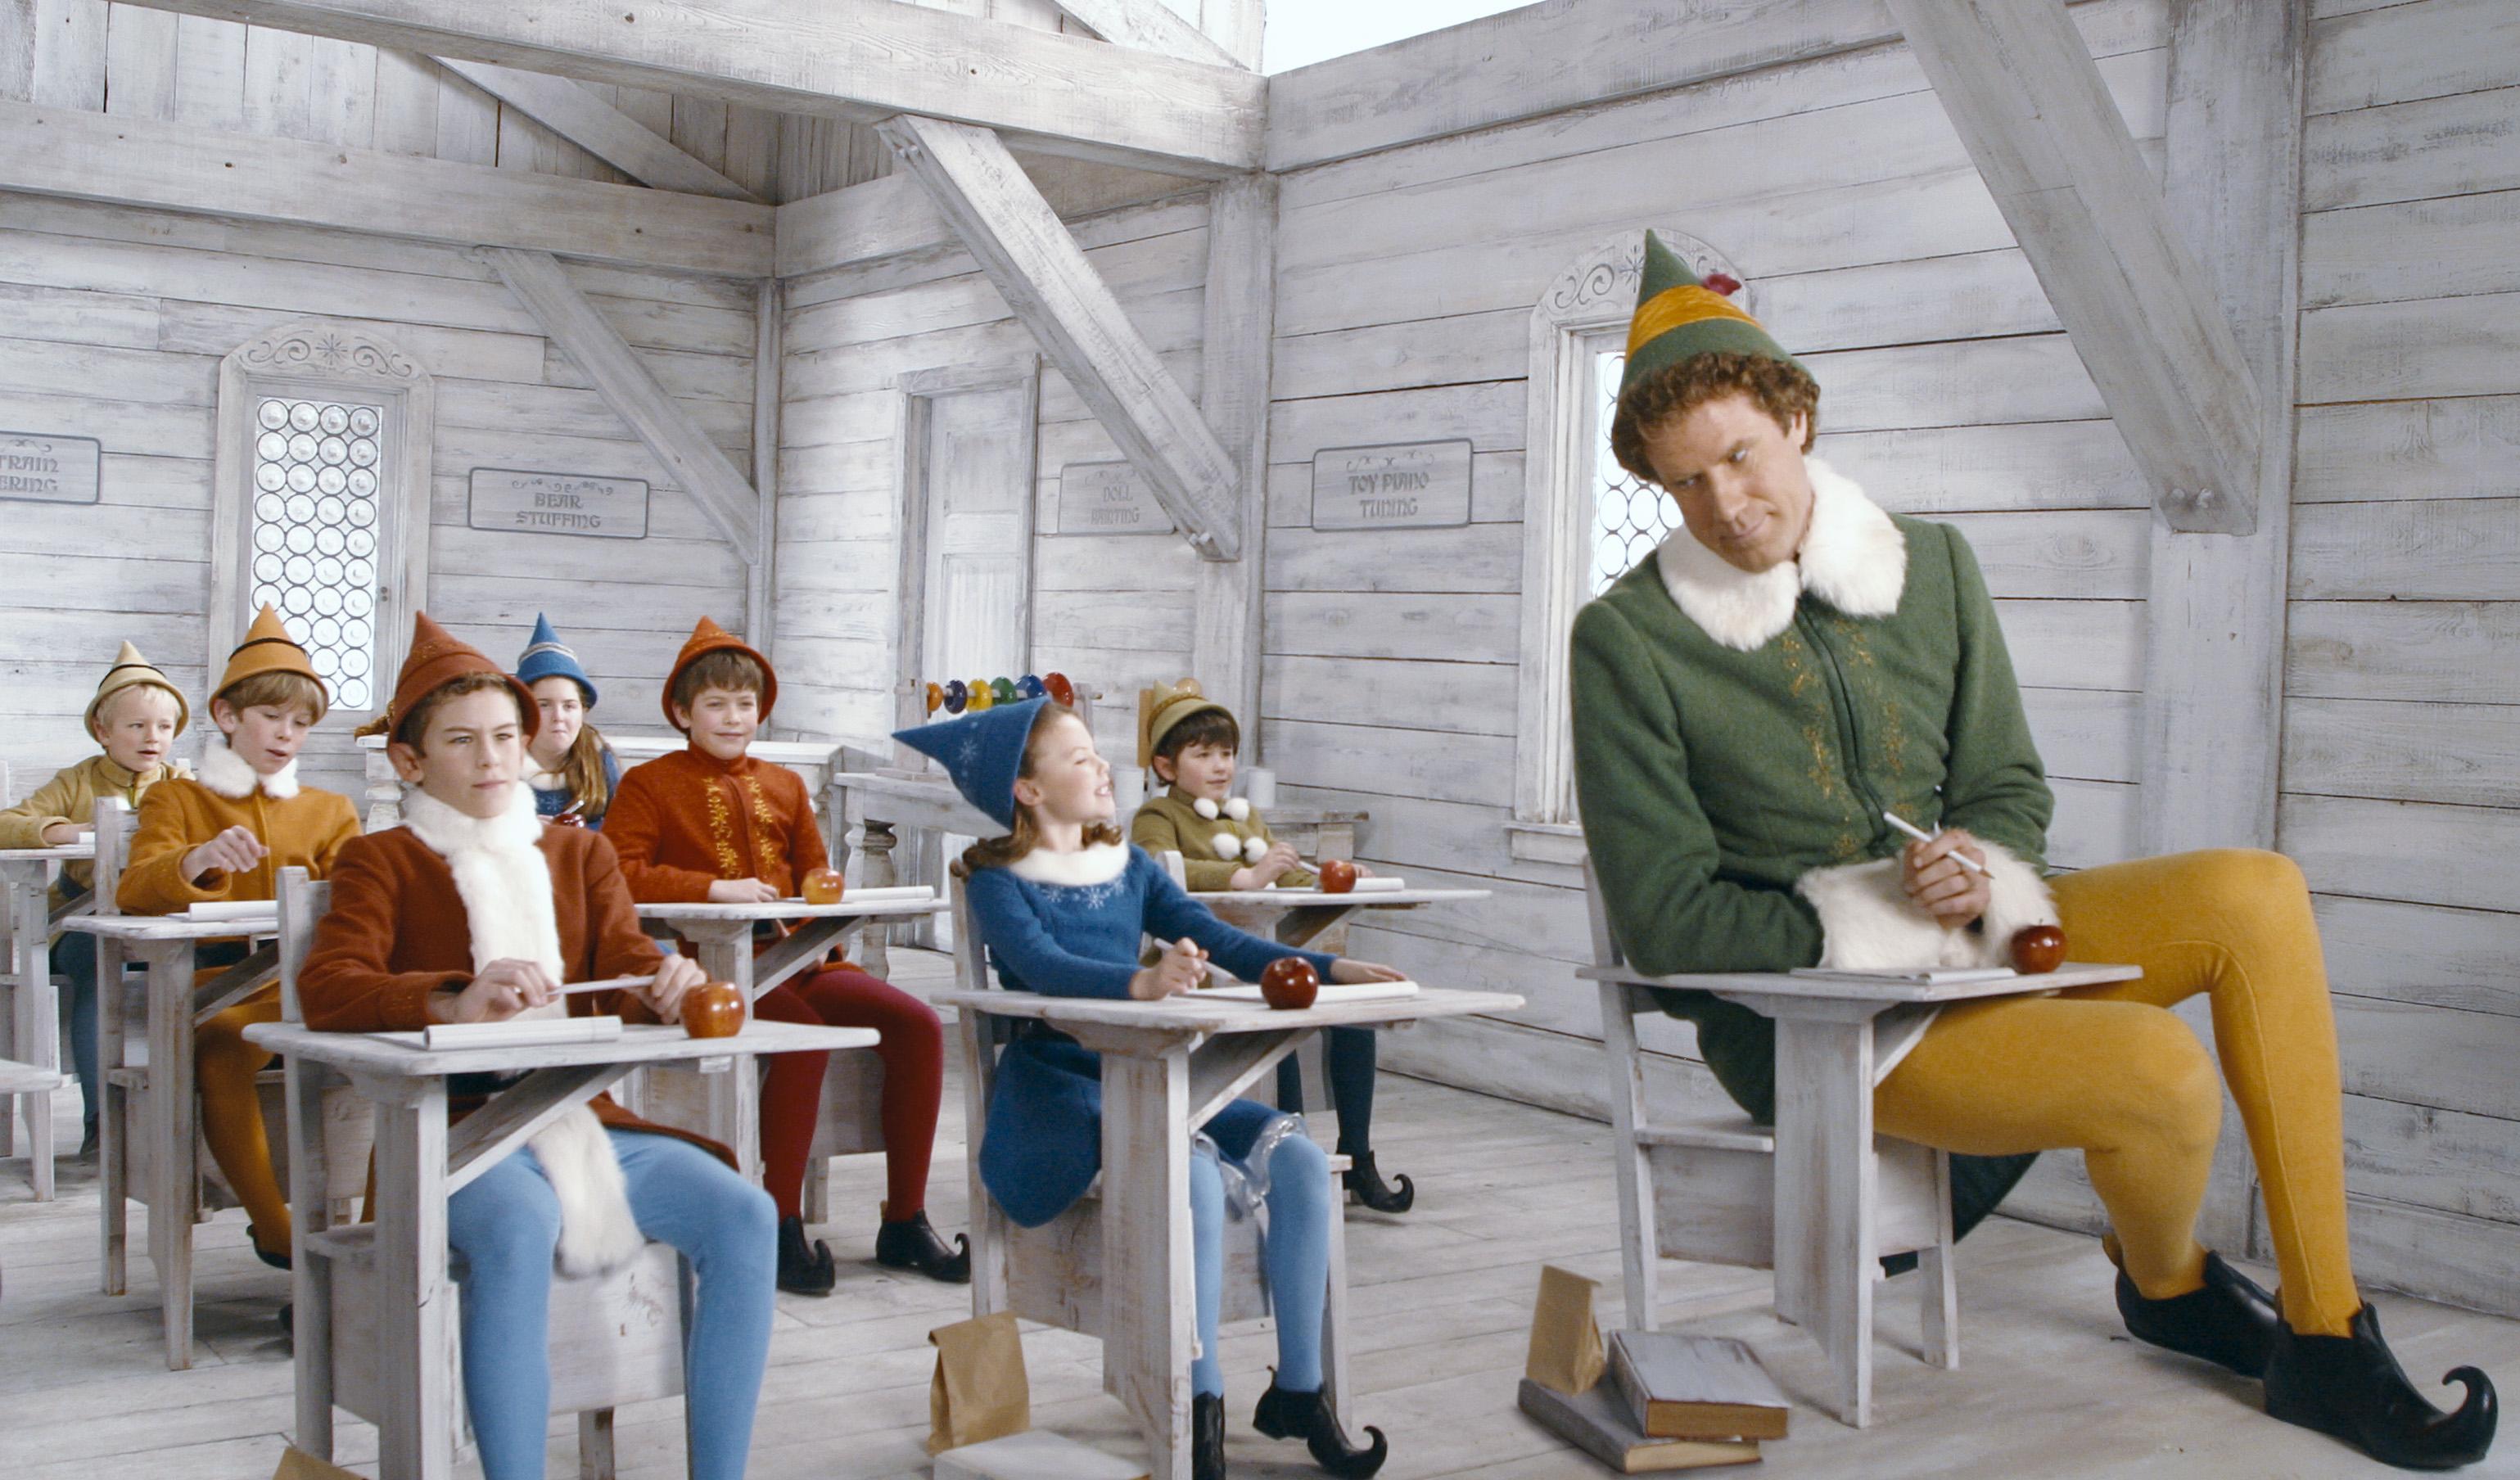 Elf movie still